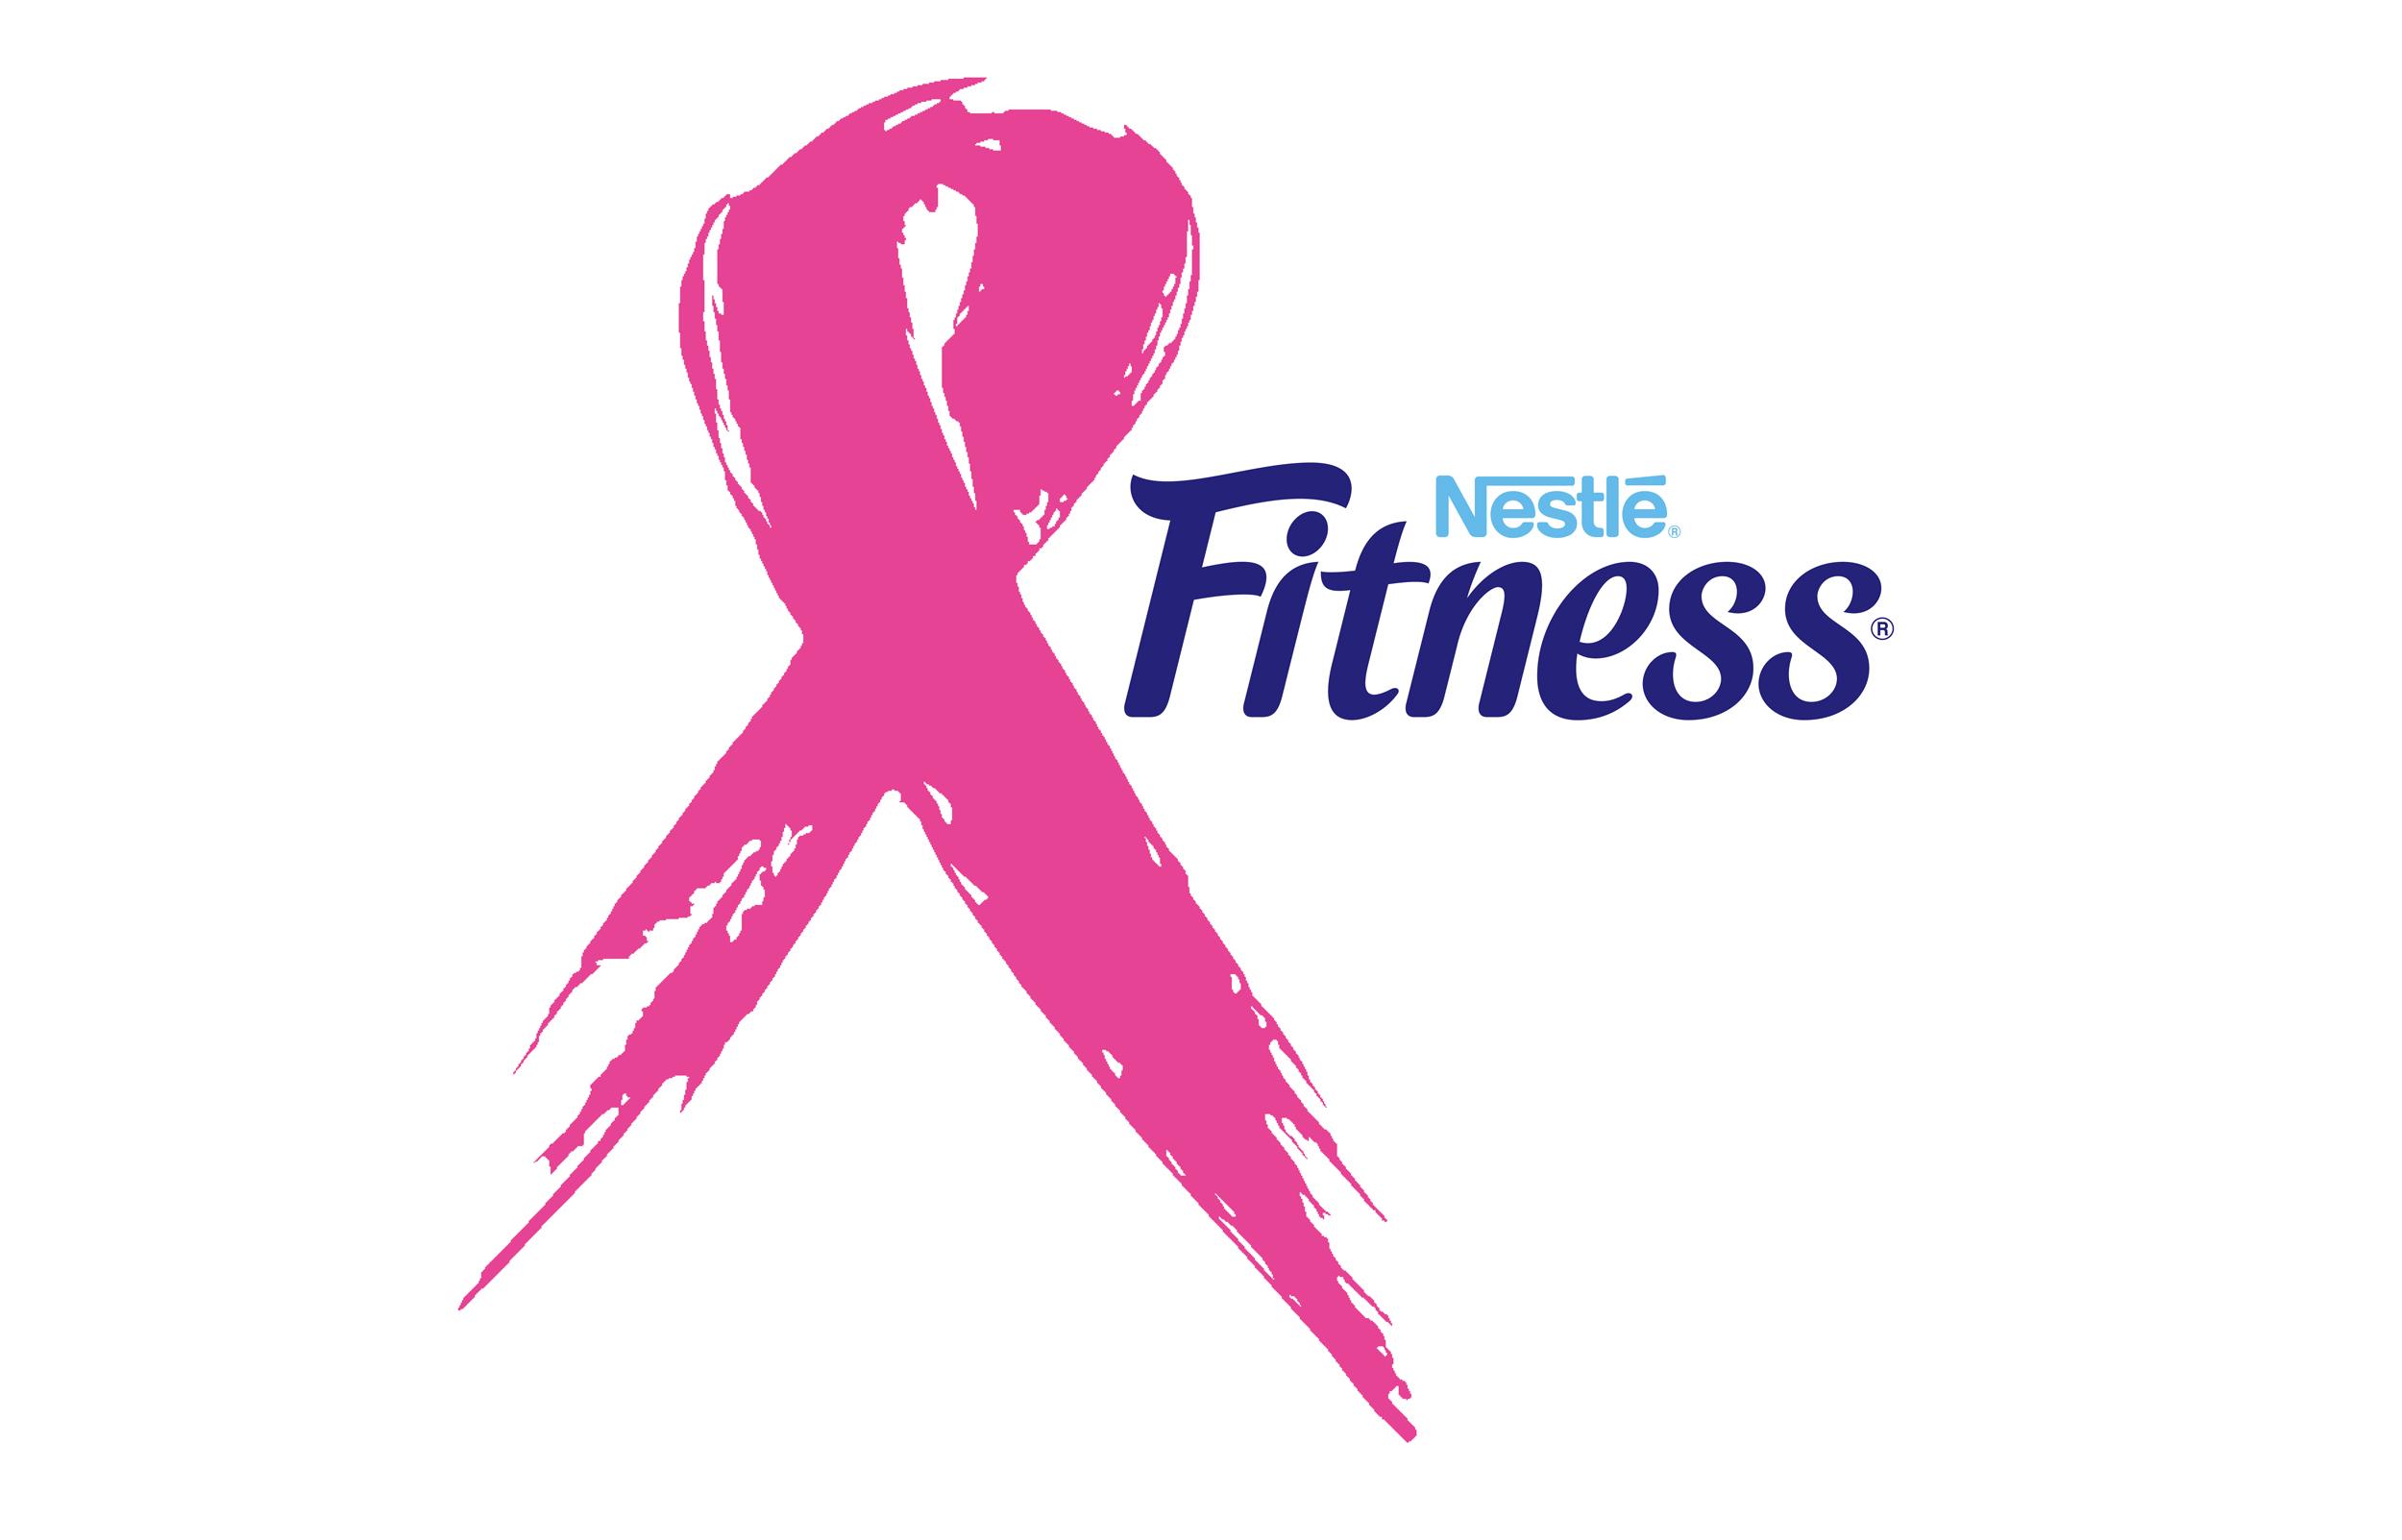 Τα δημητριακά FITNESS®, «συνέτρεξαν» και φέτος ενάντια στον καρκίνο του μαστού!